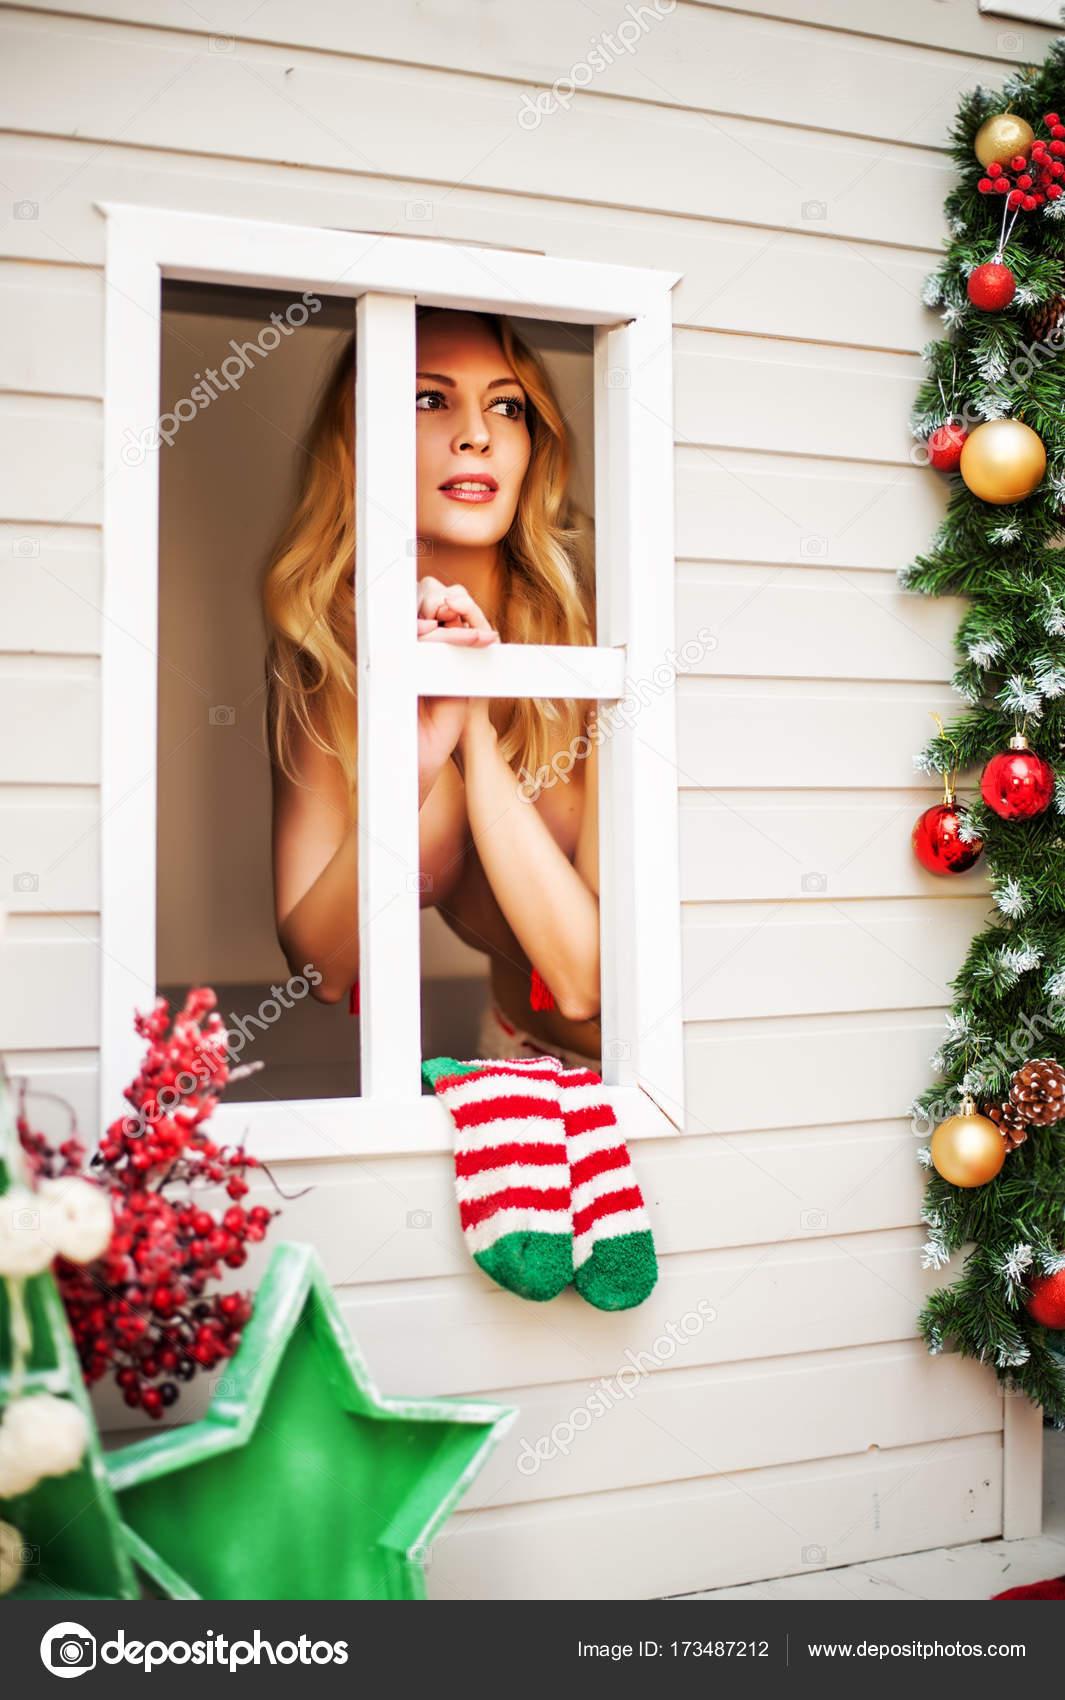 Weihnachten Mit Fantasy.Sexy Weihnachten Elfen Fantasy Haus Stockfoto Katalinks 173487212